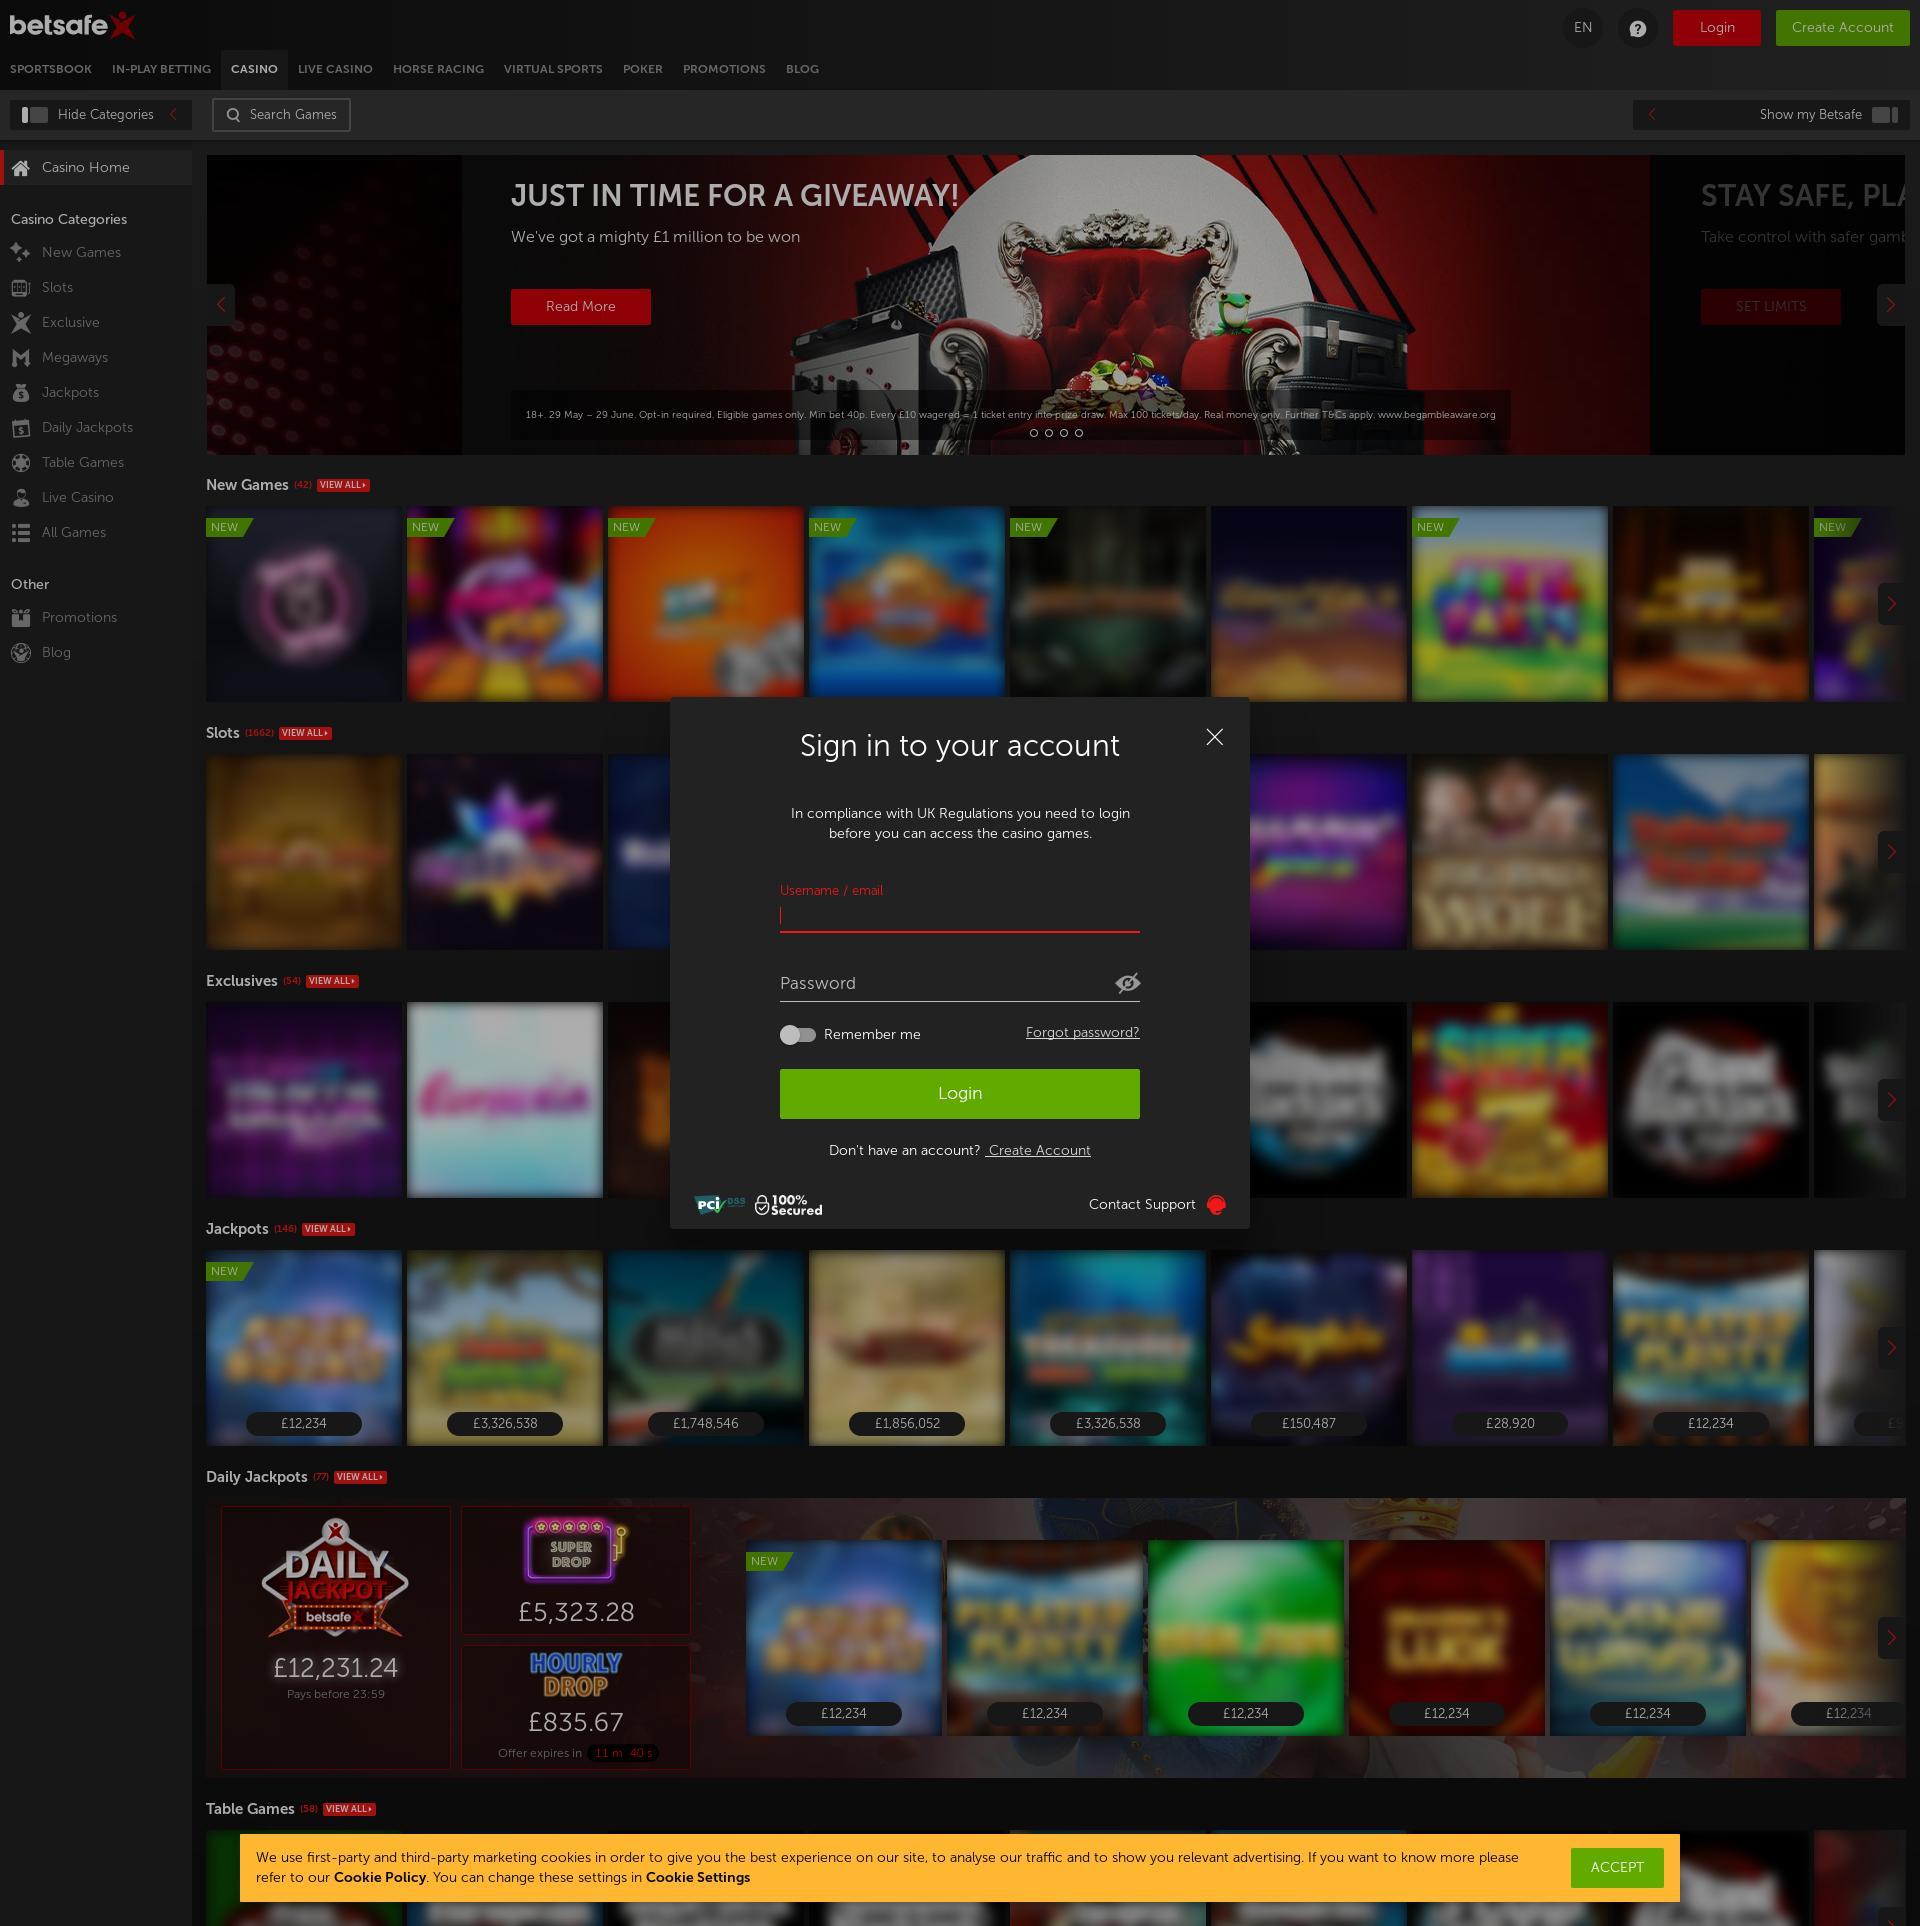 Casino skärm Lobby 2020-06-05 för Storbritannien